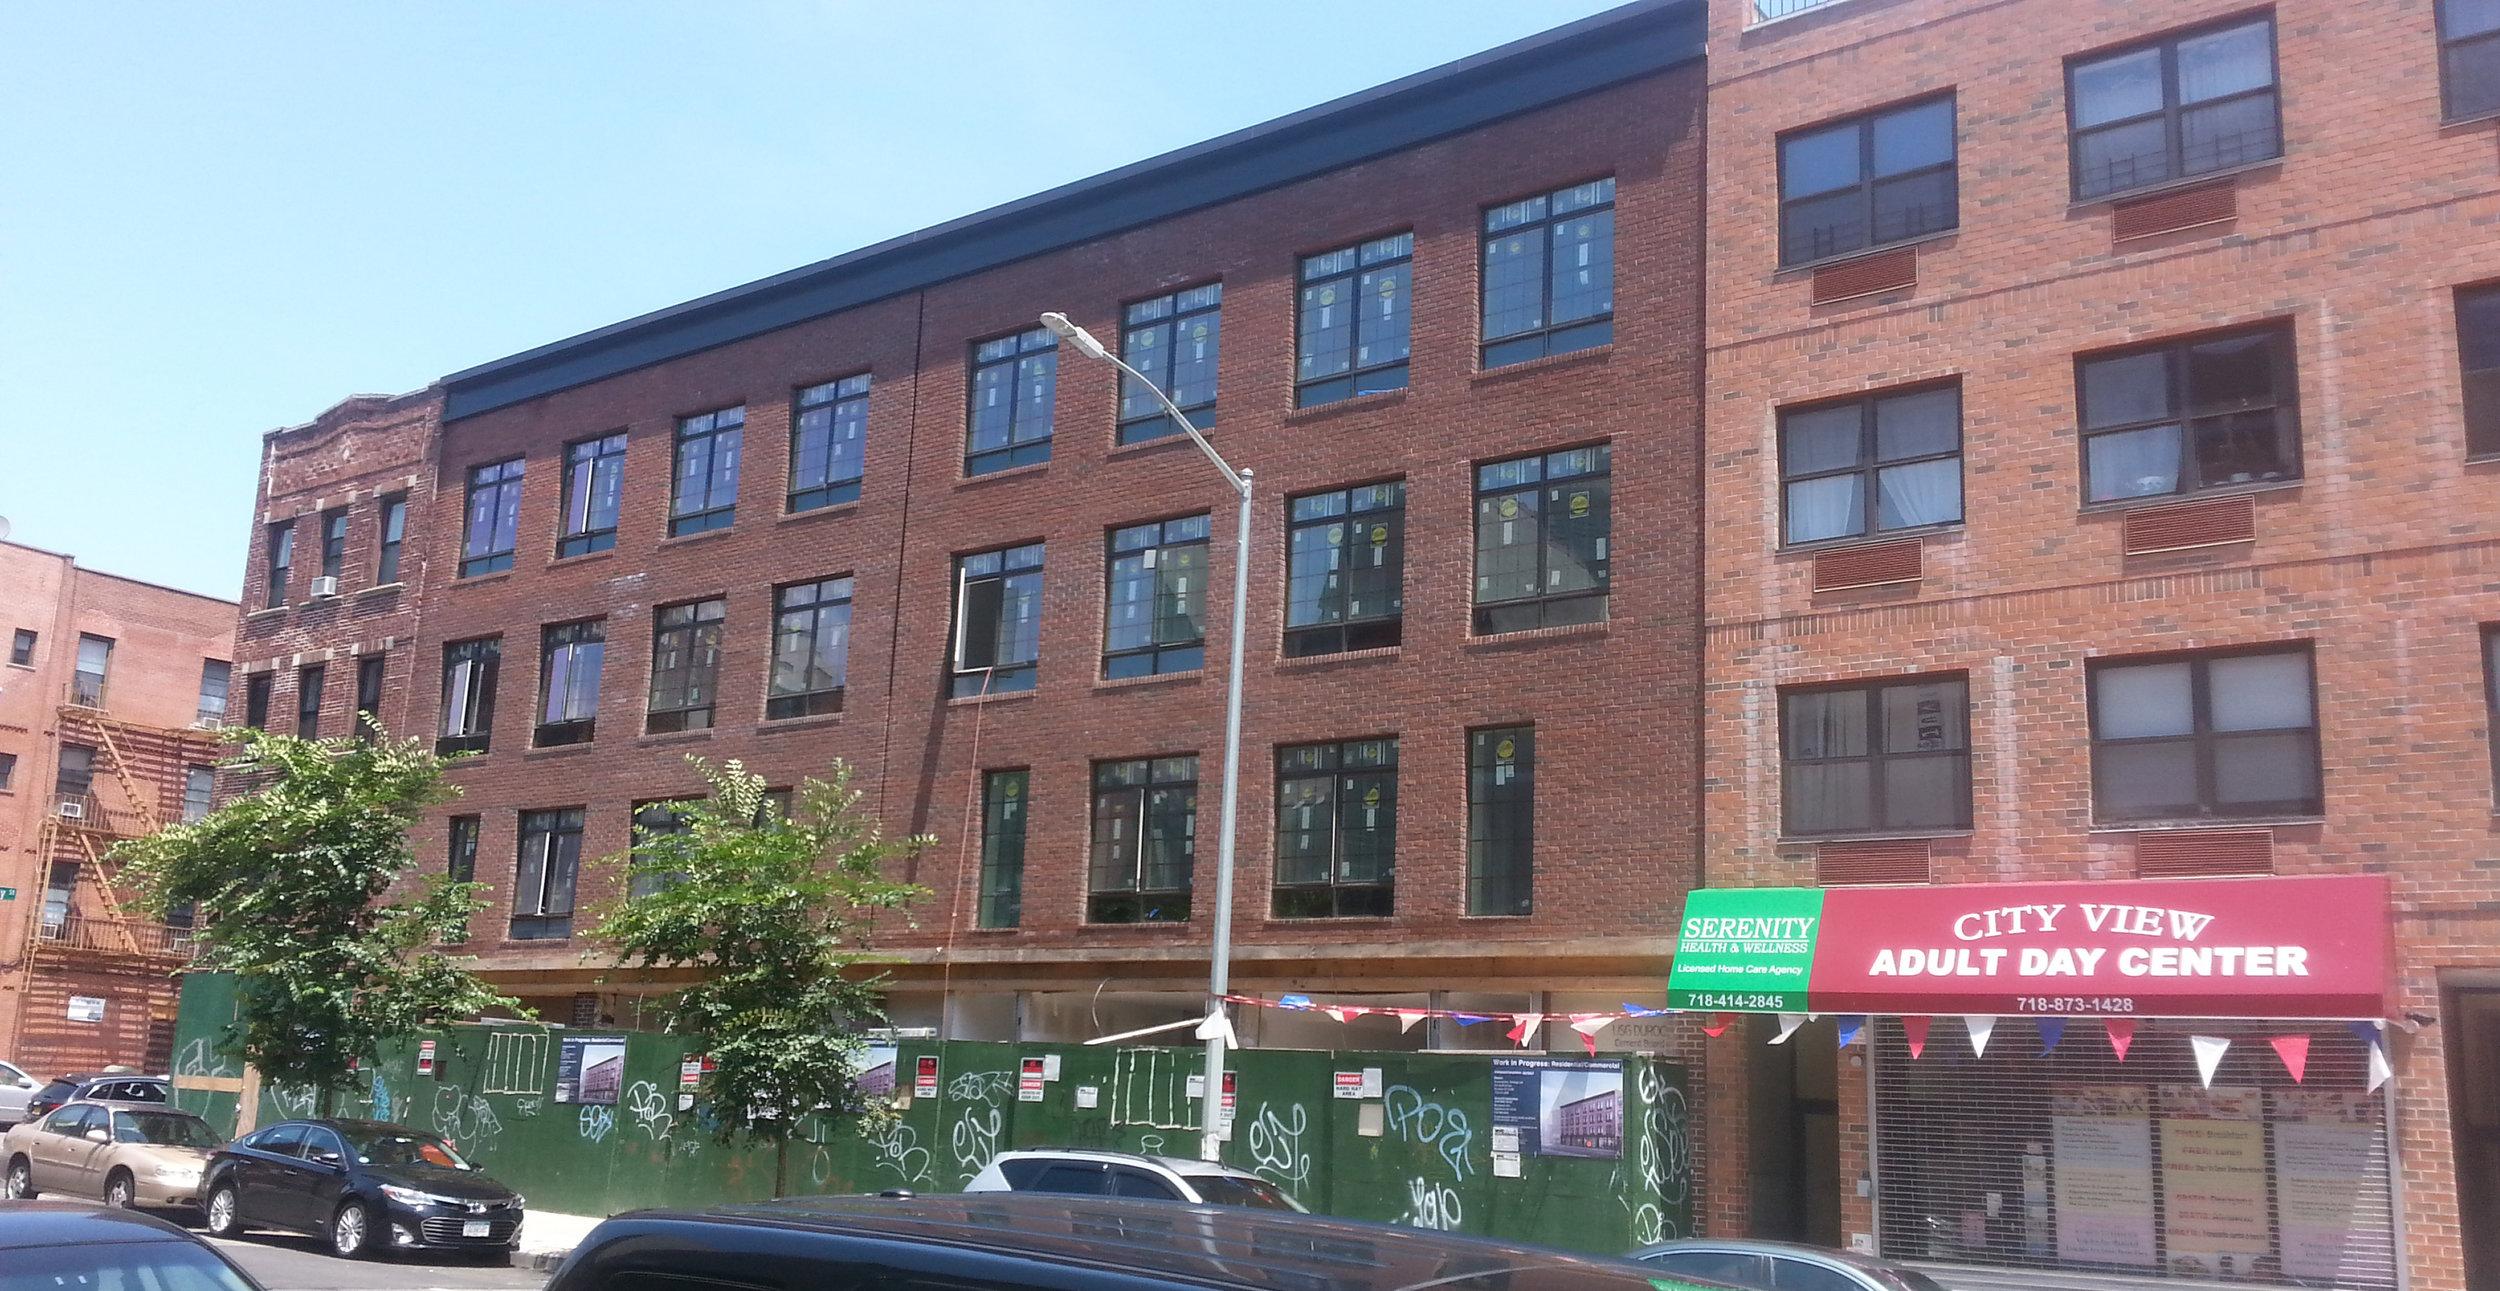 341 Nostrand Ave., Brooklyn, NY. Photo: Darryl Montgomery.